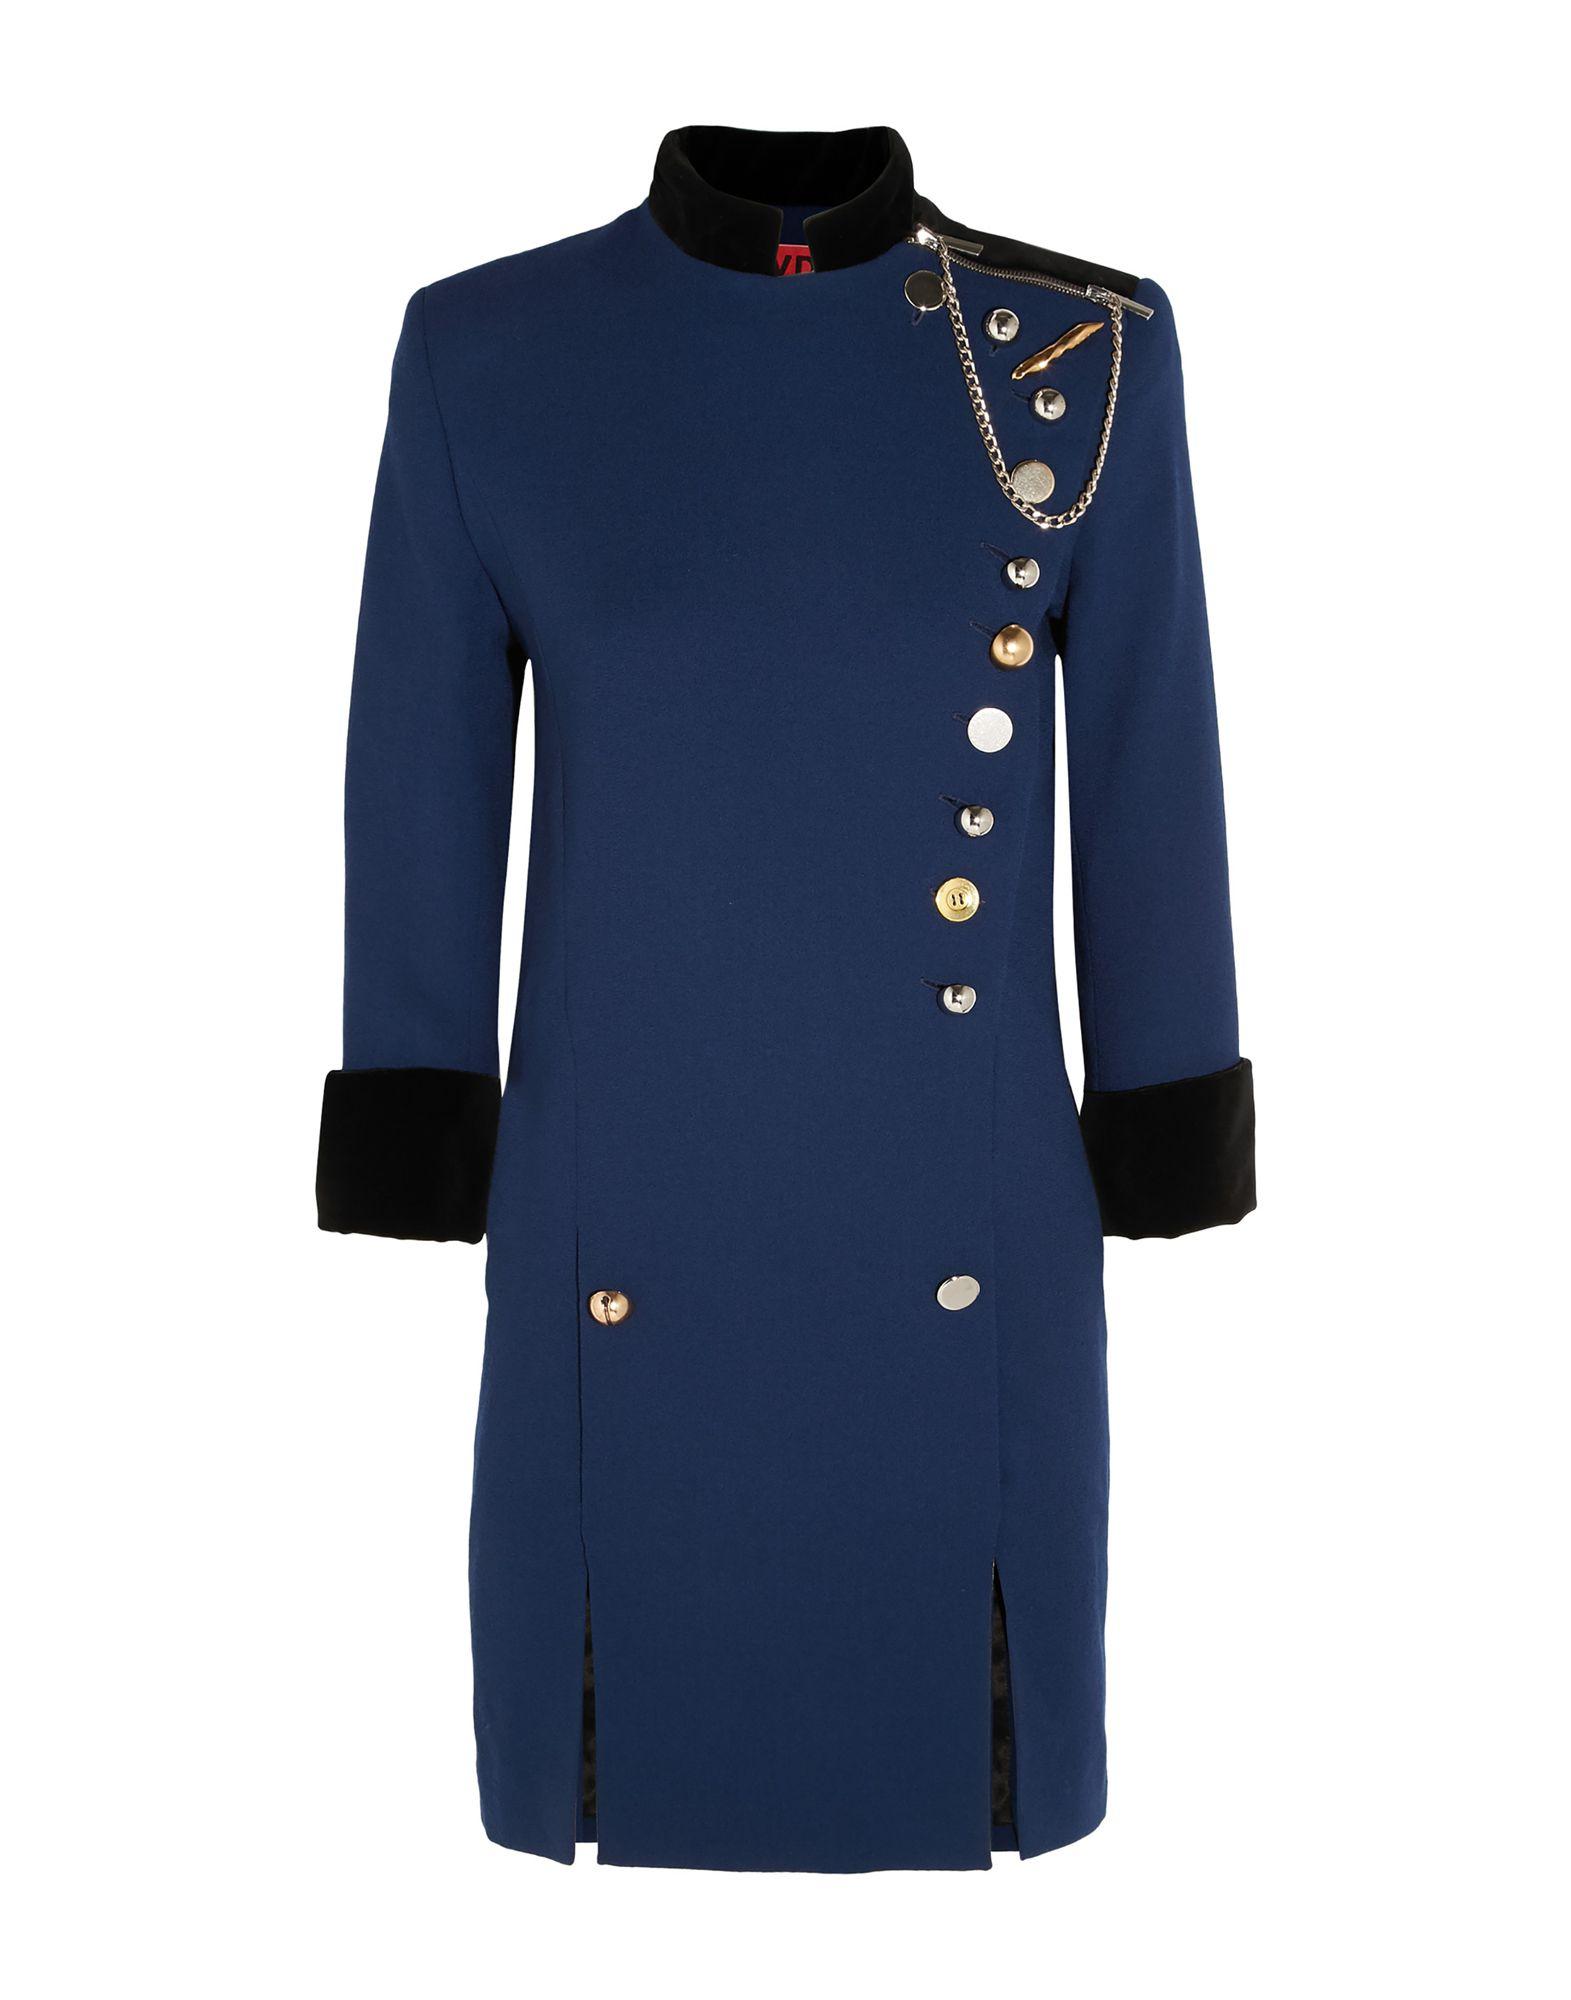 《セール開催中》RONALD VAN DER KEMP レディース ミニワンピース&ドレス ブライトブルー 34 コットン 100% / シルク